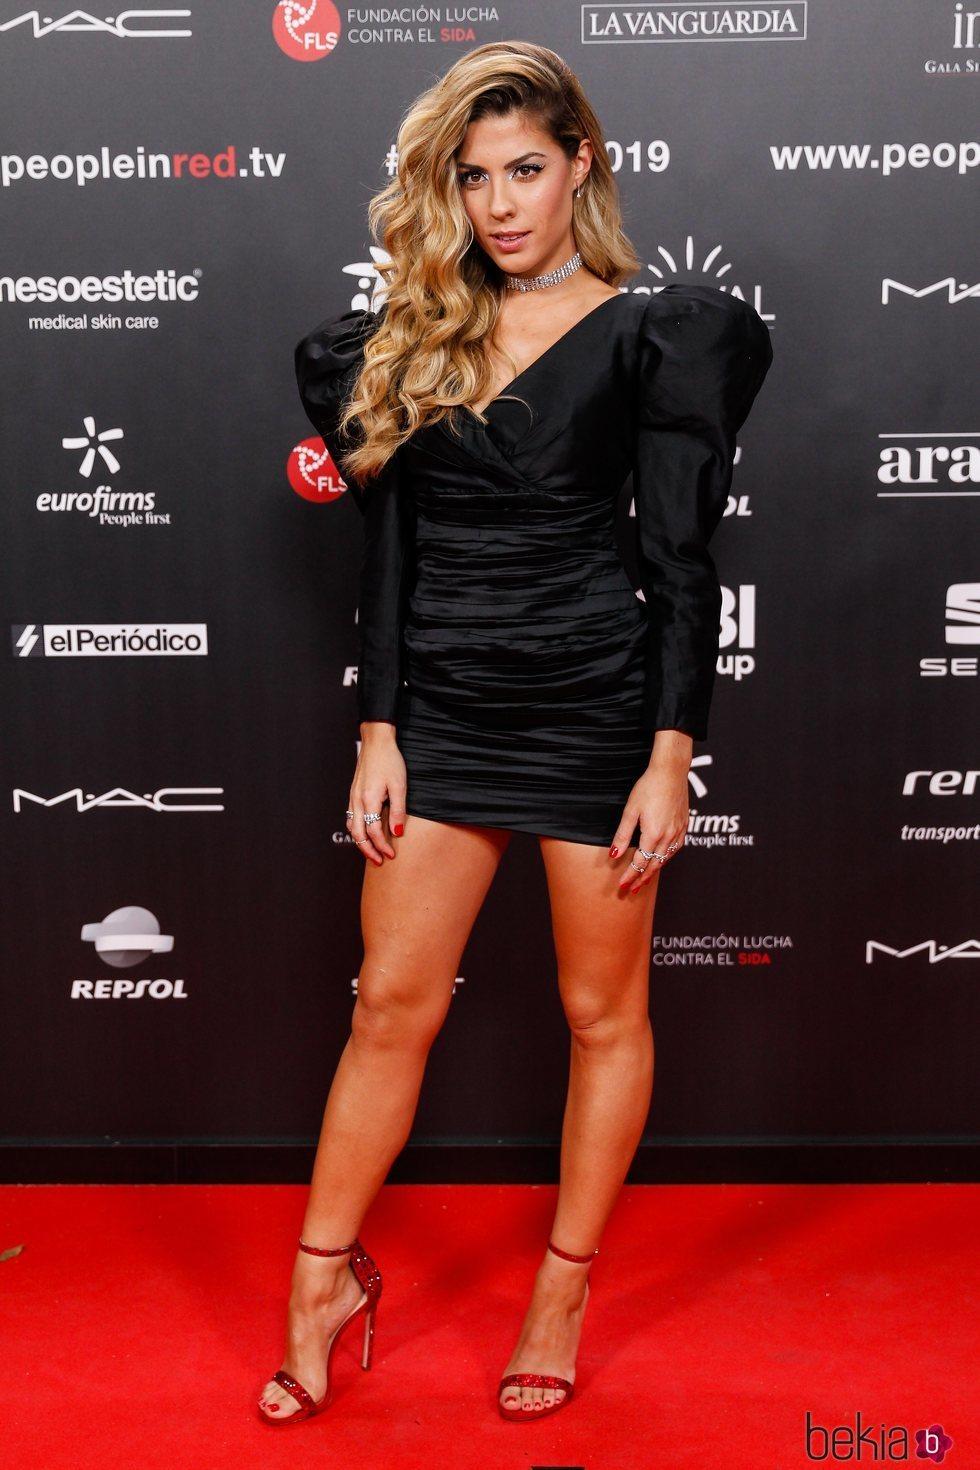 Miriam Rodríguez en la gala People in Red 2019